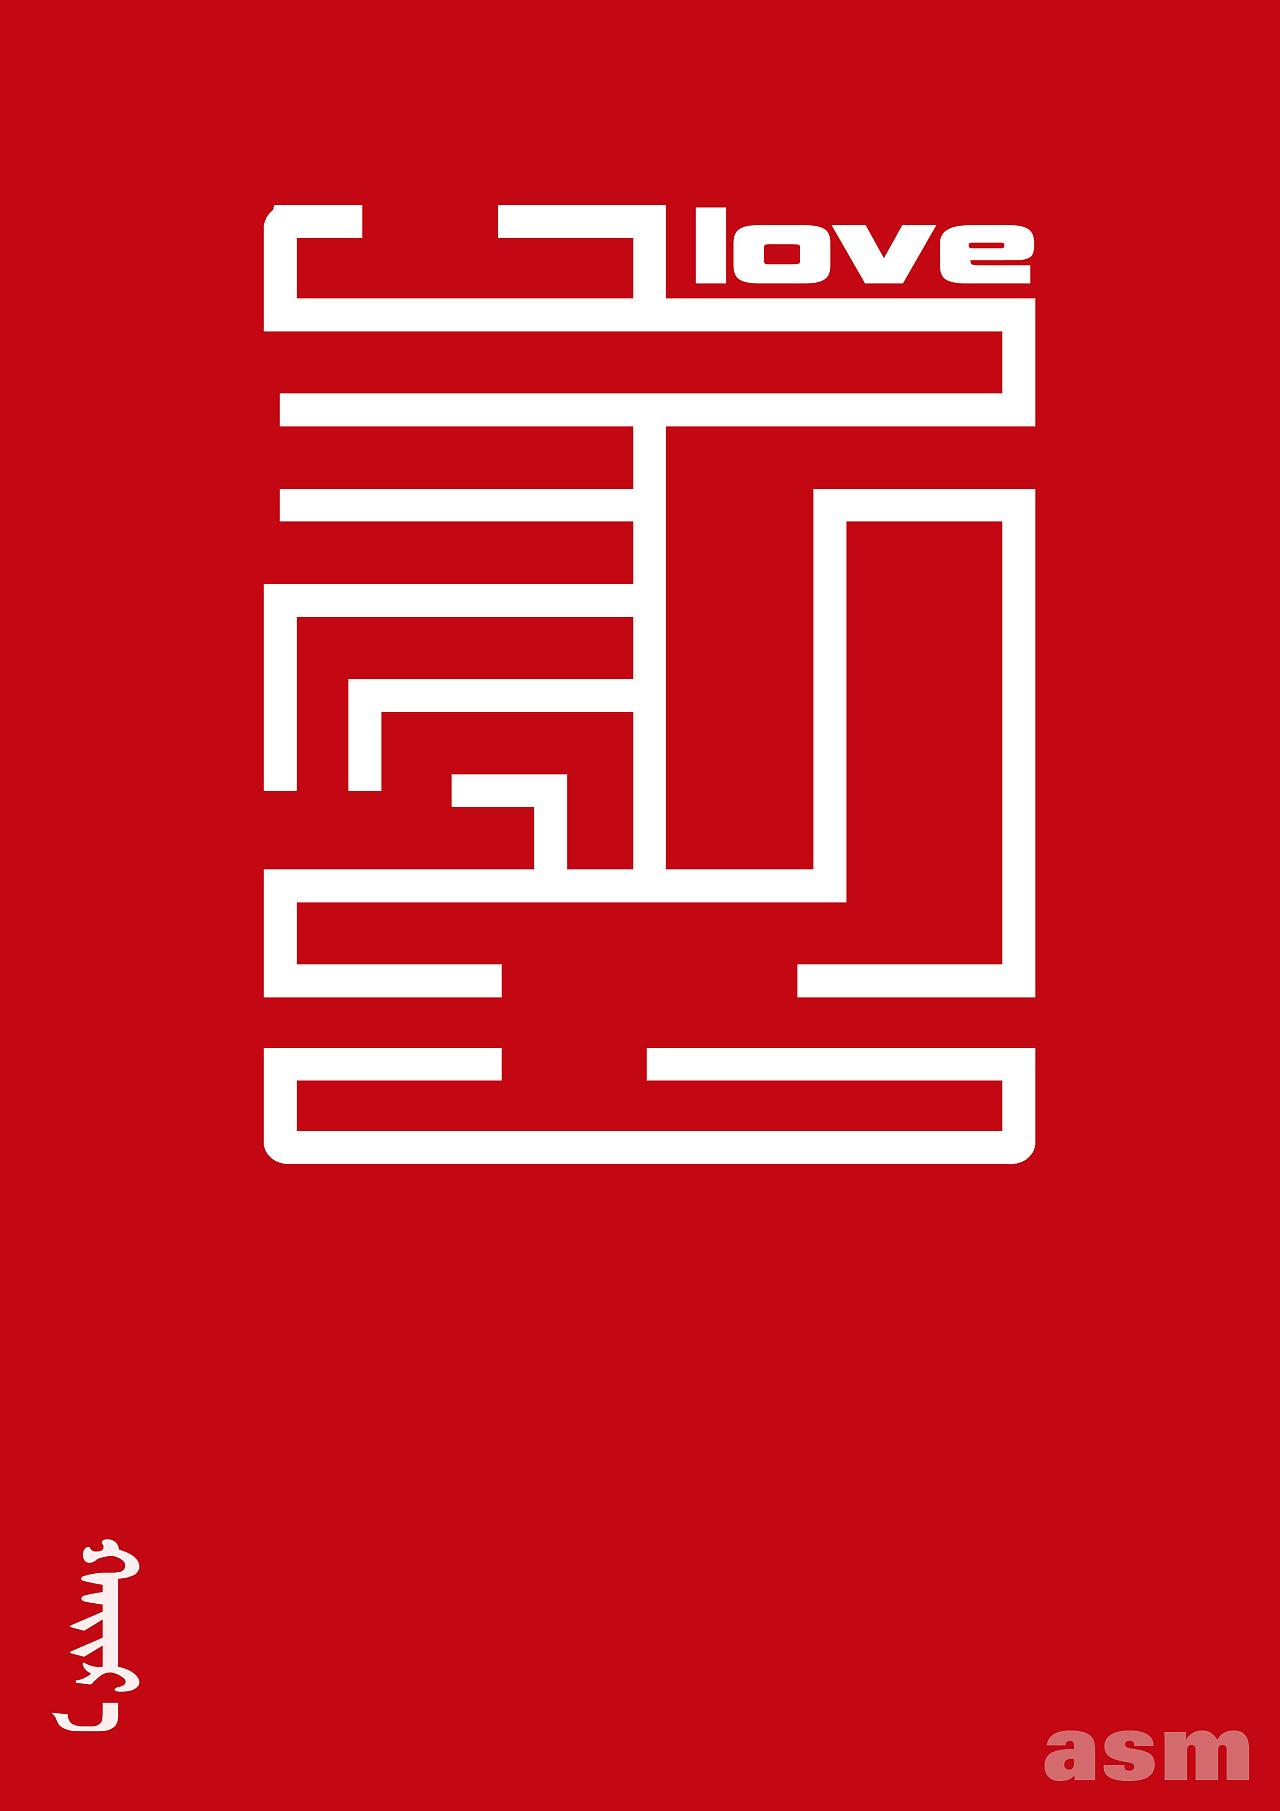 蒙古艺术文字5 -阿斯玛设计 第2张 蒙古艺术文字5 -阿斯玛设计 蒙古设计